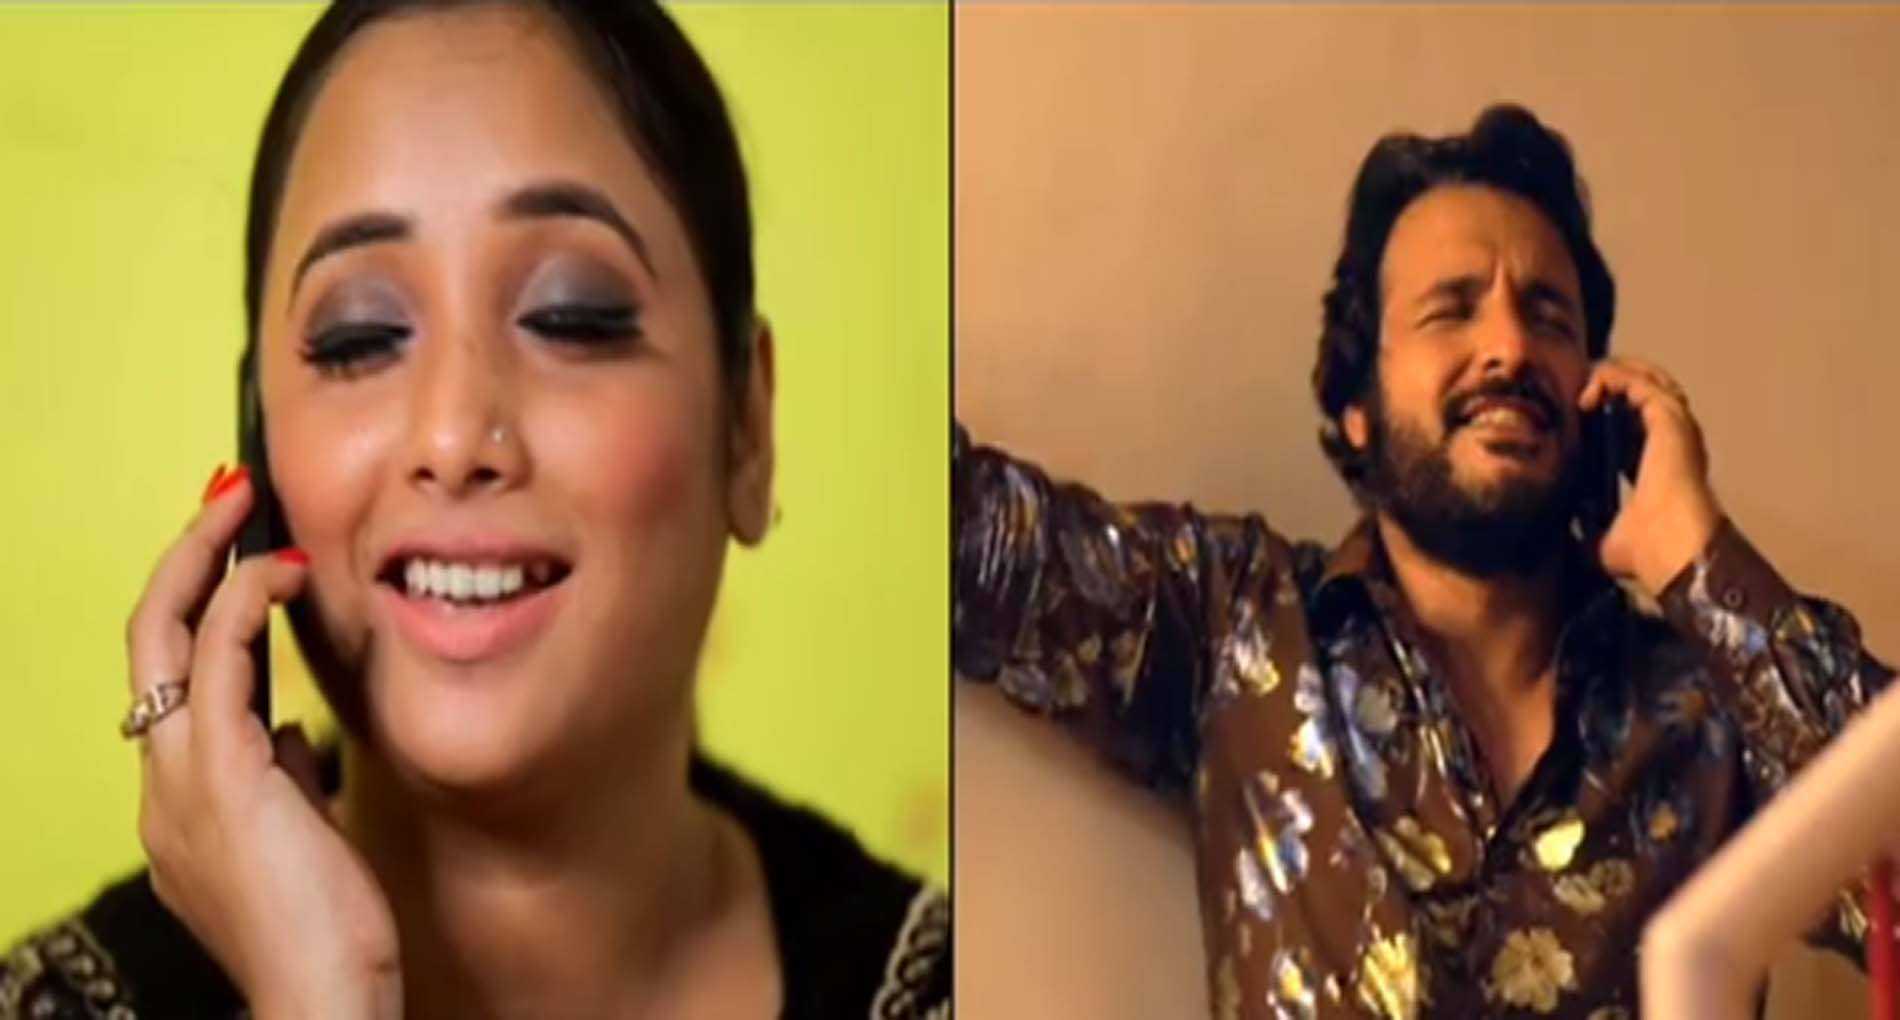 Rani Chatterjee Video: रानी चटर्जी का नया वीडियो सॉन्ग 'फोन वा पे फील', देखें एक झलक